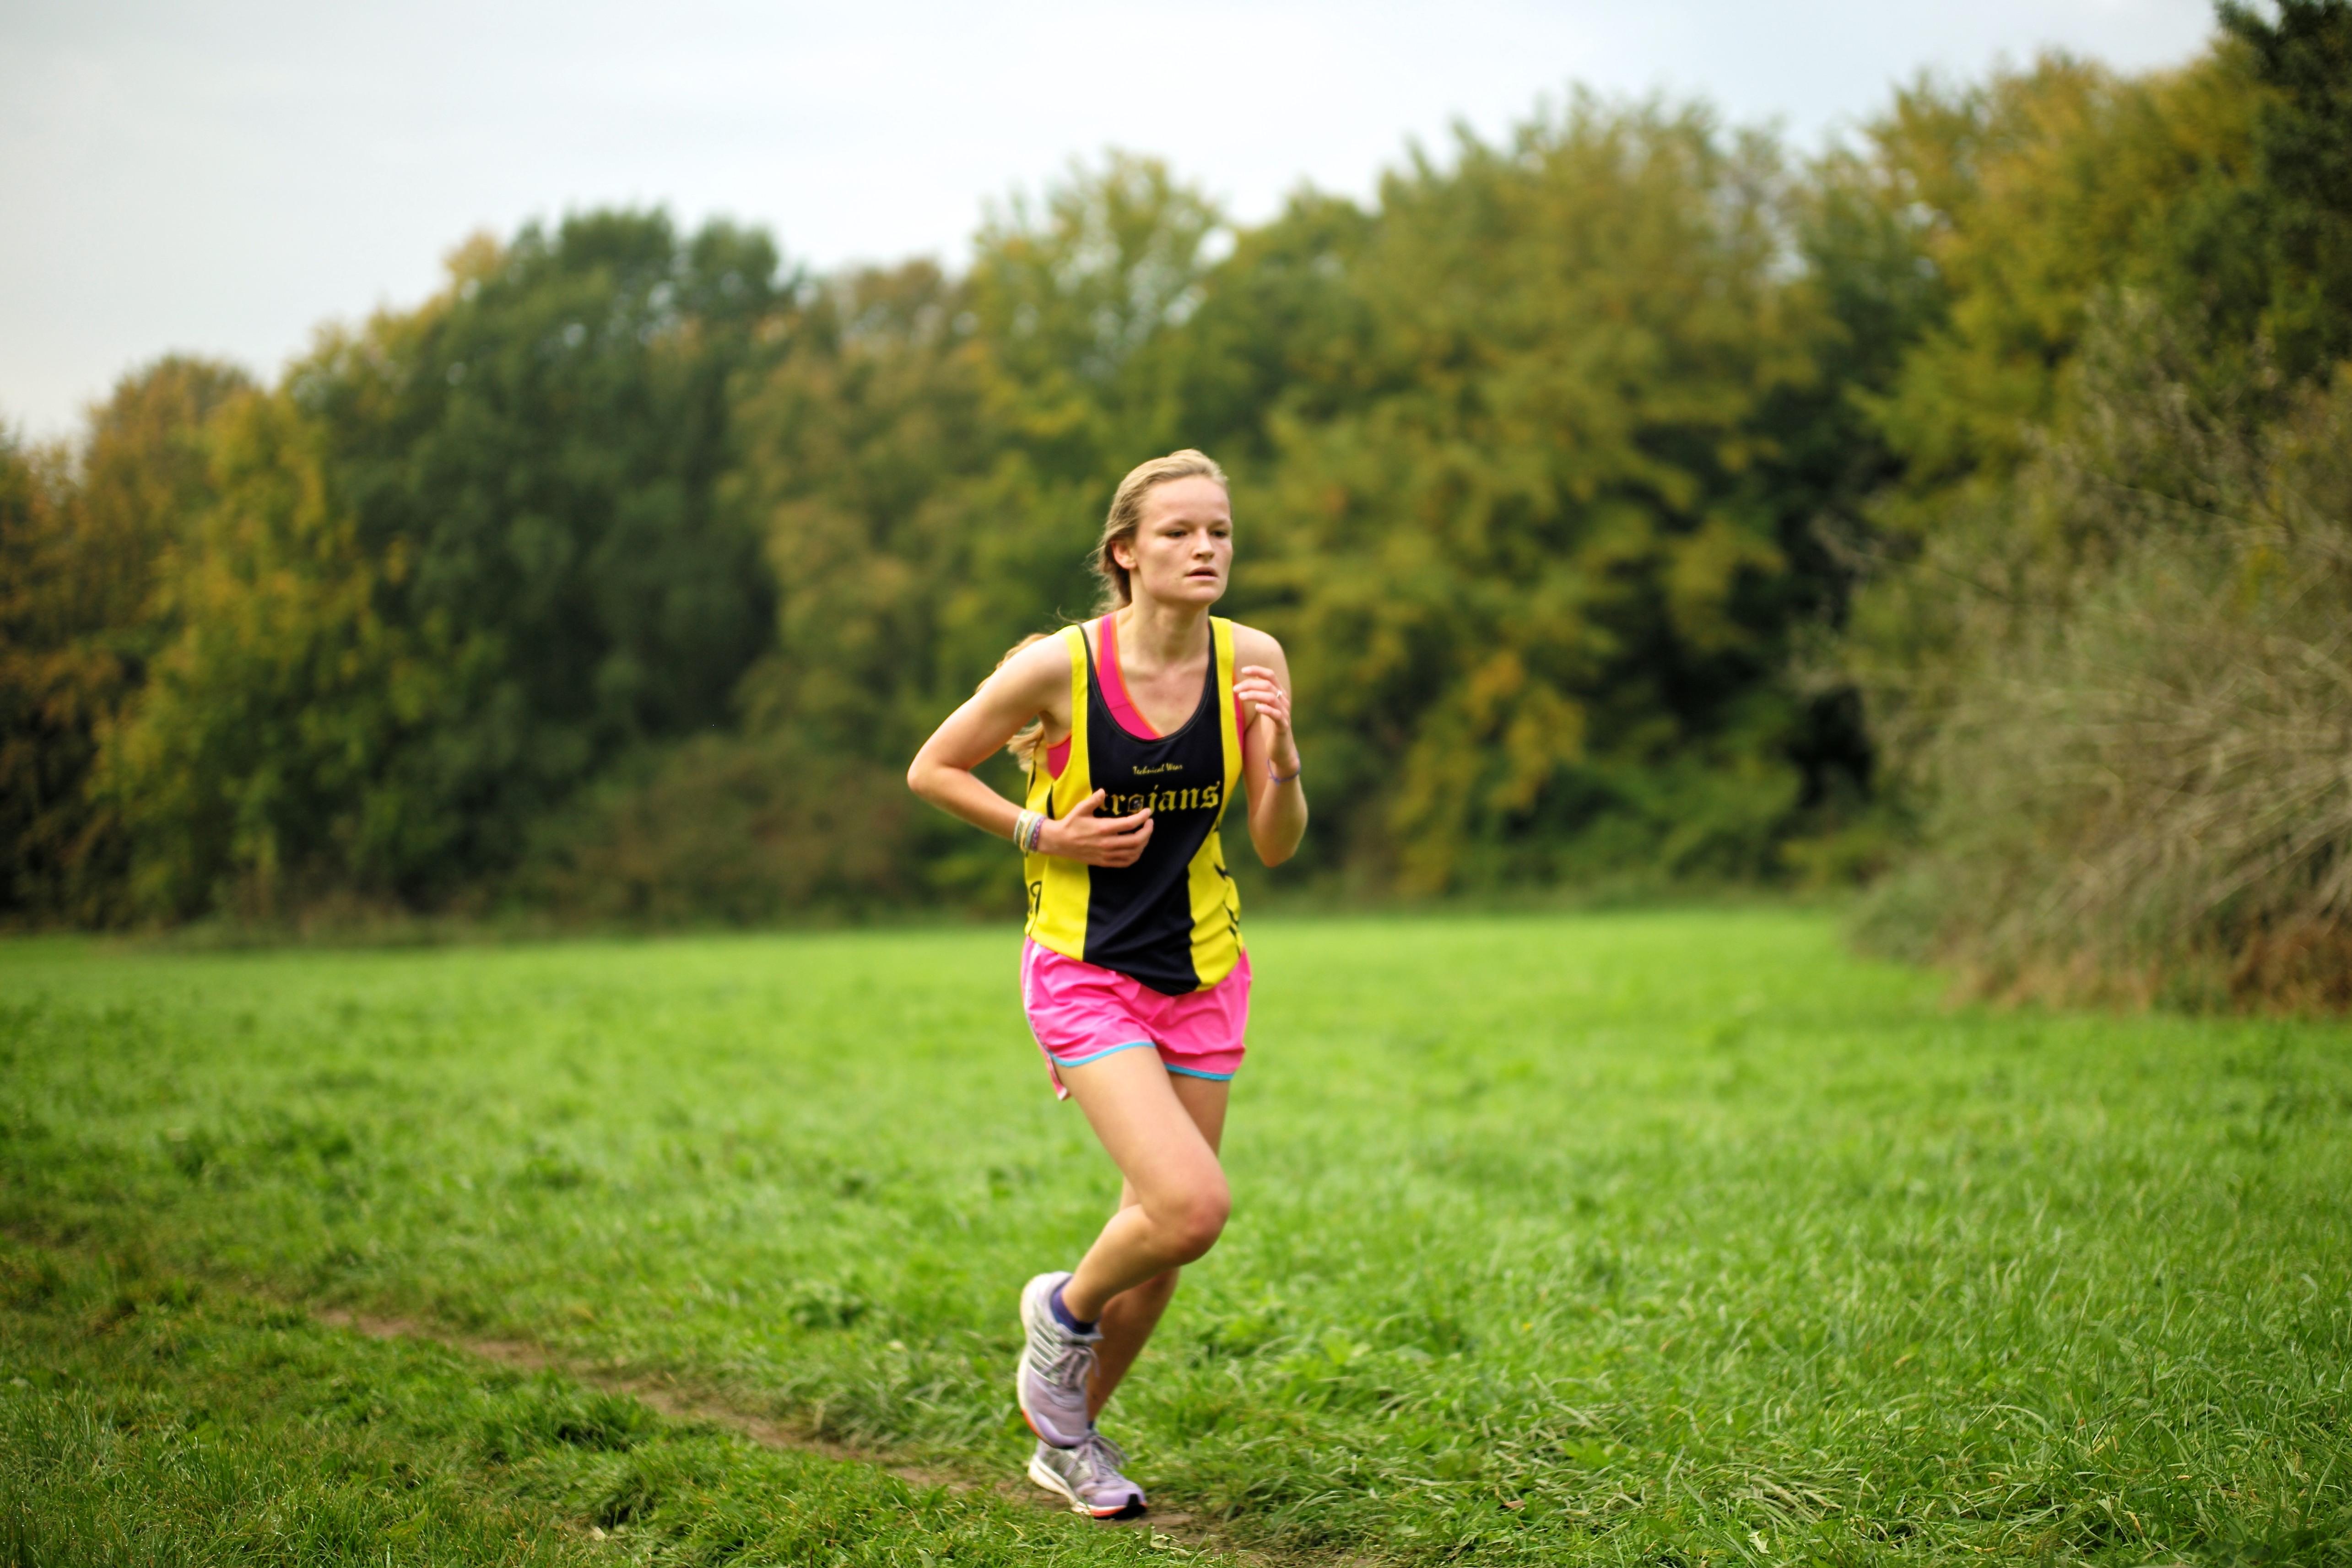 Как фотографировать соревнования по бегу